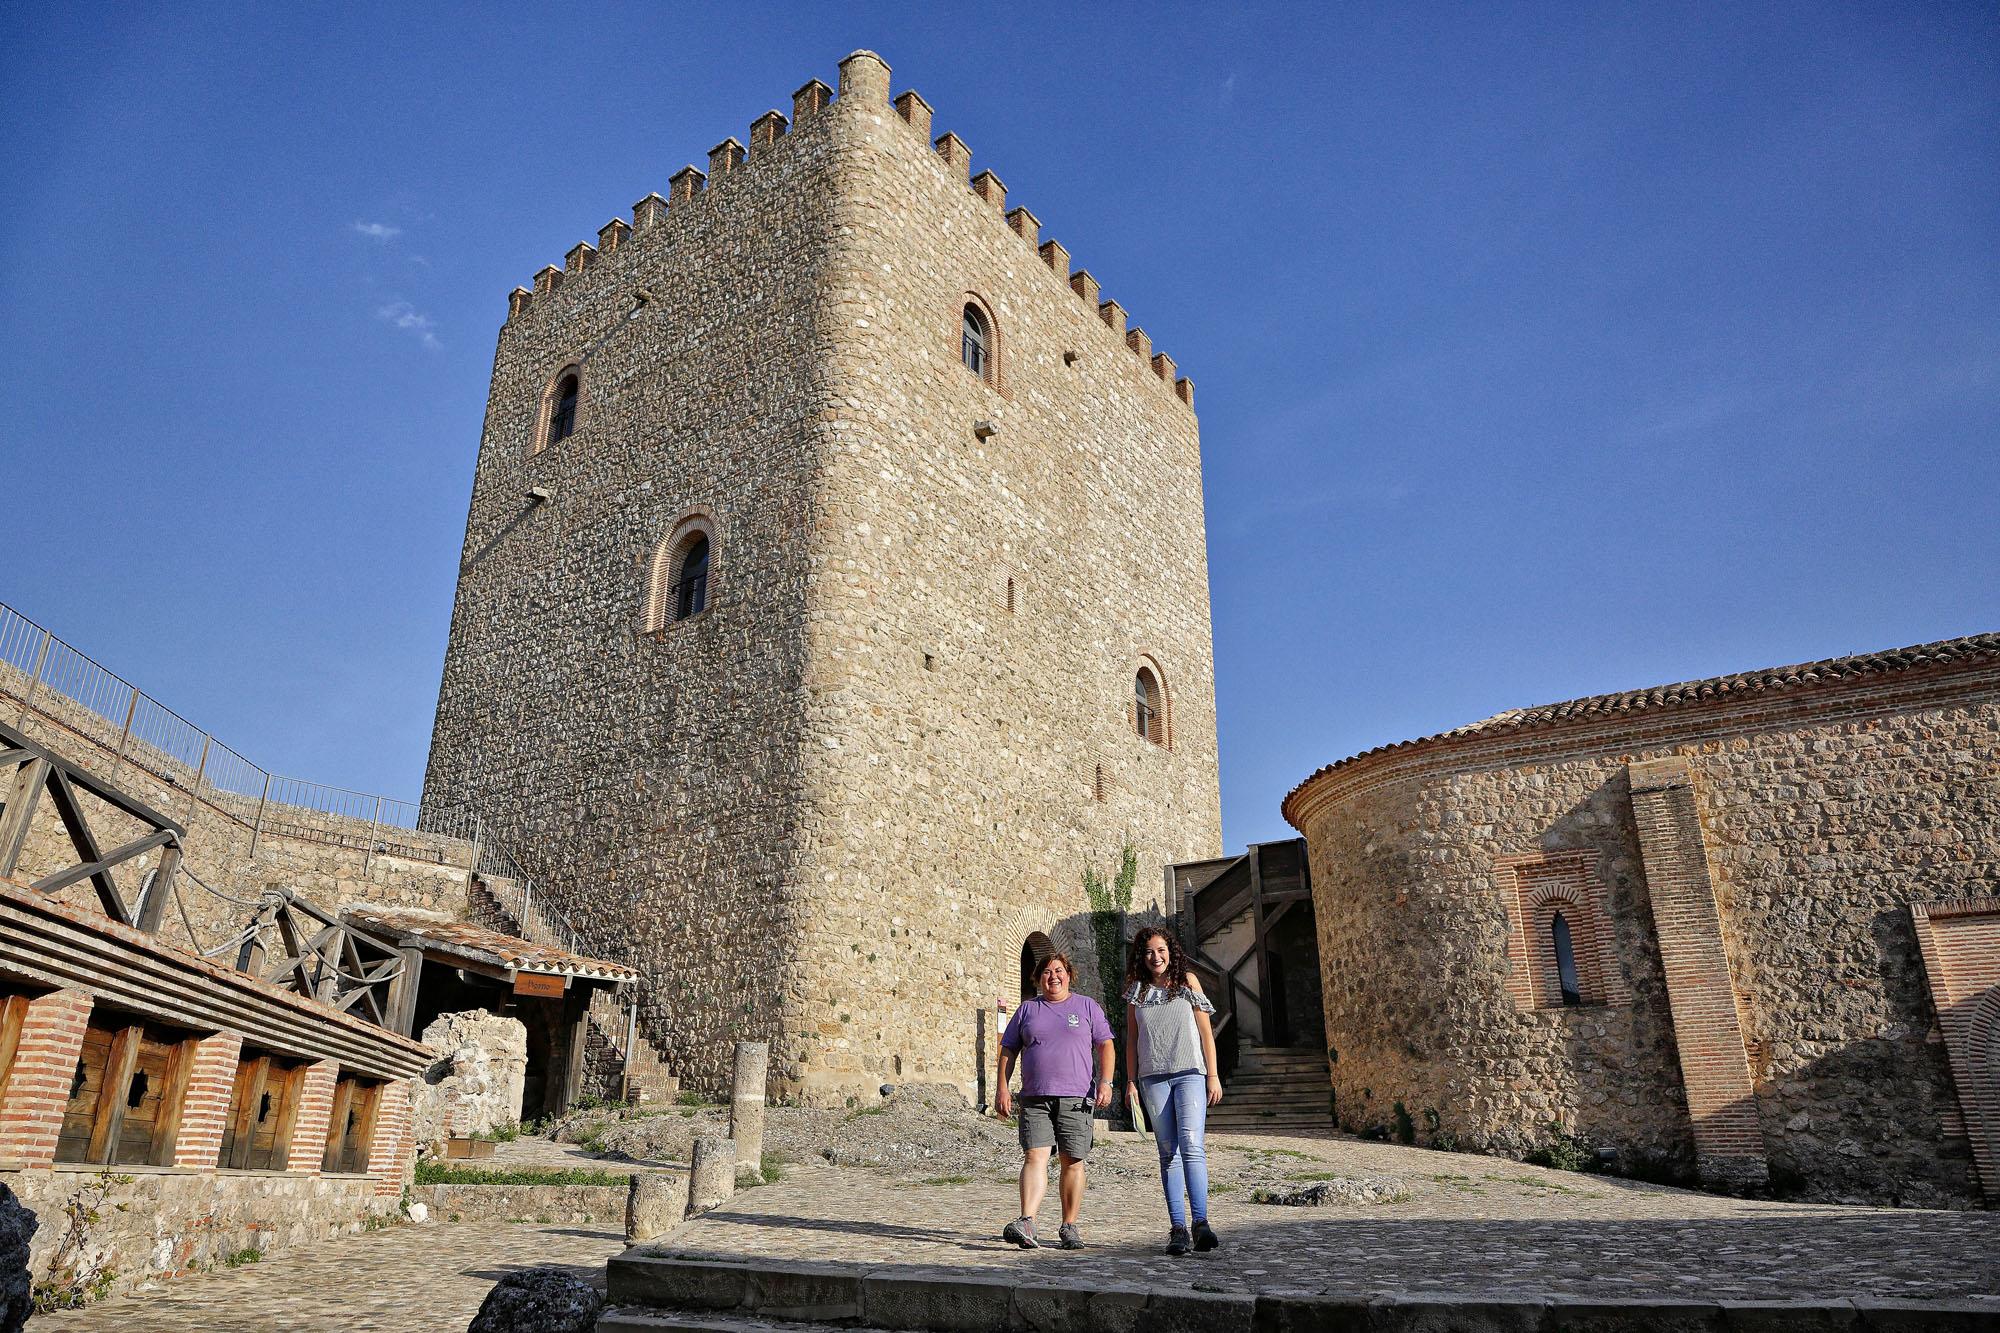 Estamos en el castillo más alto del Parque Natural de Cazorla, Segura y las Villas.